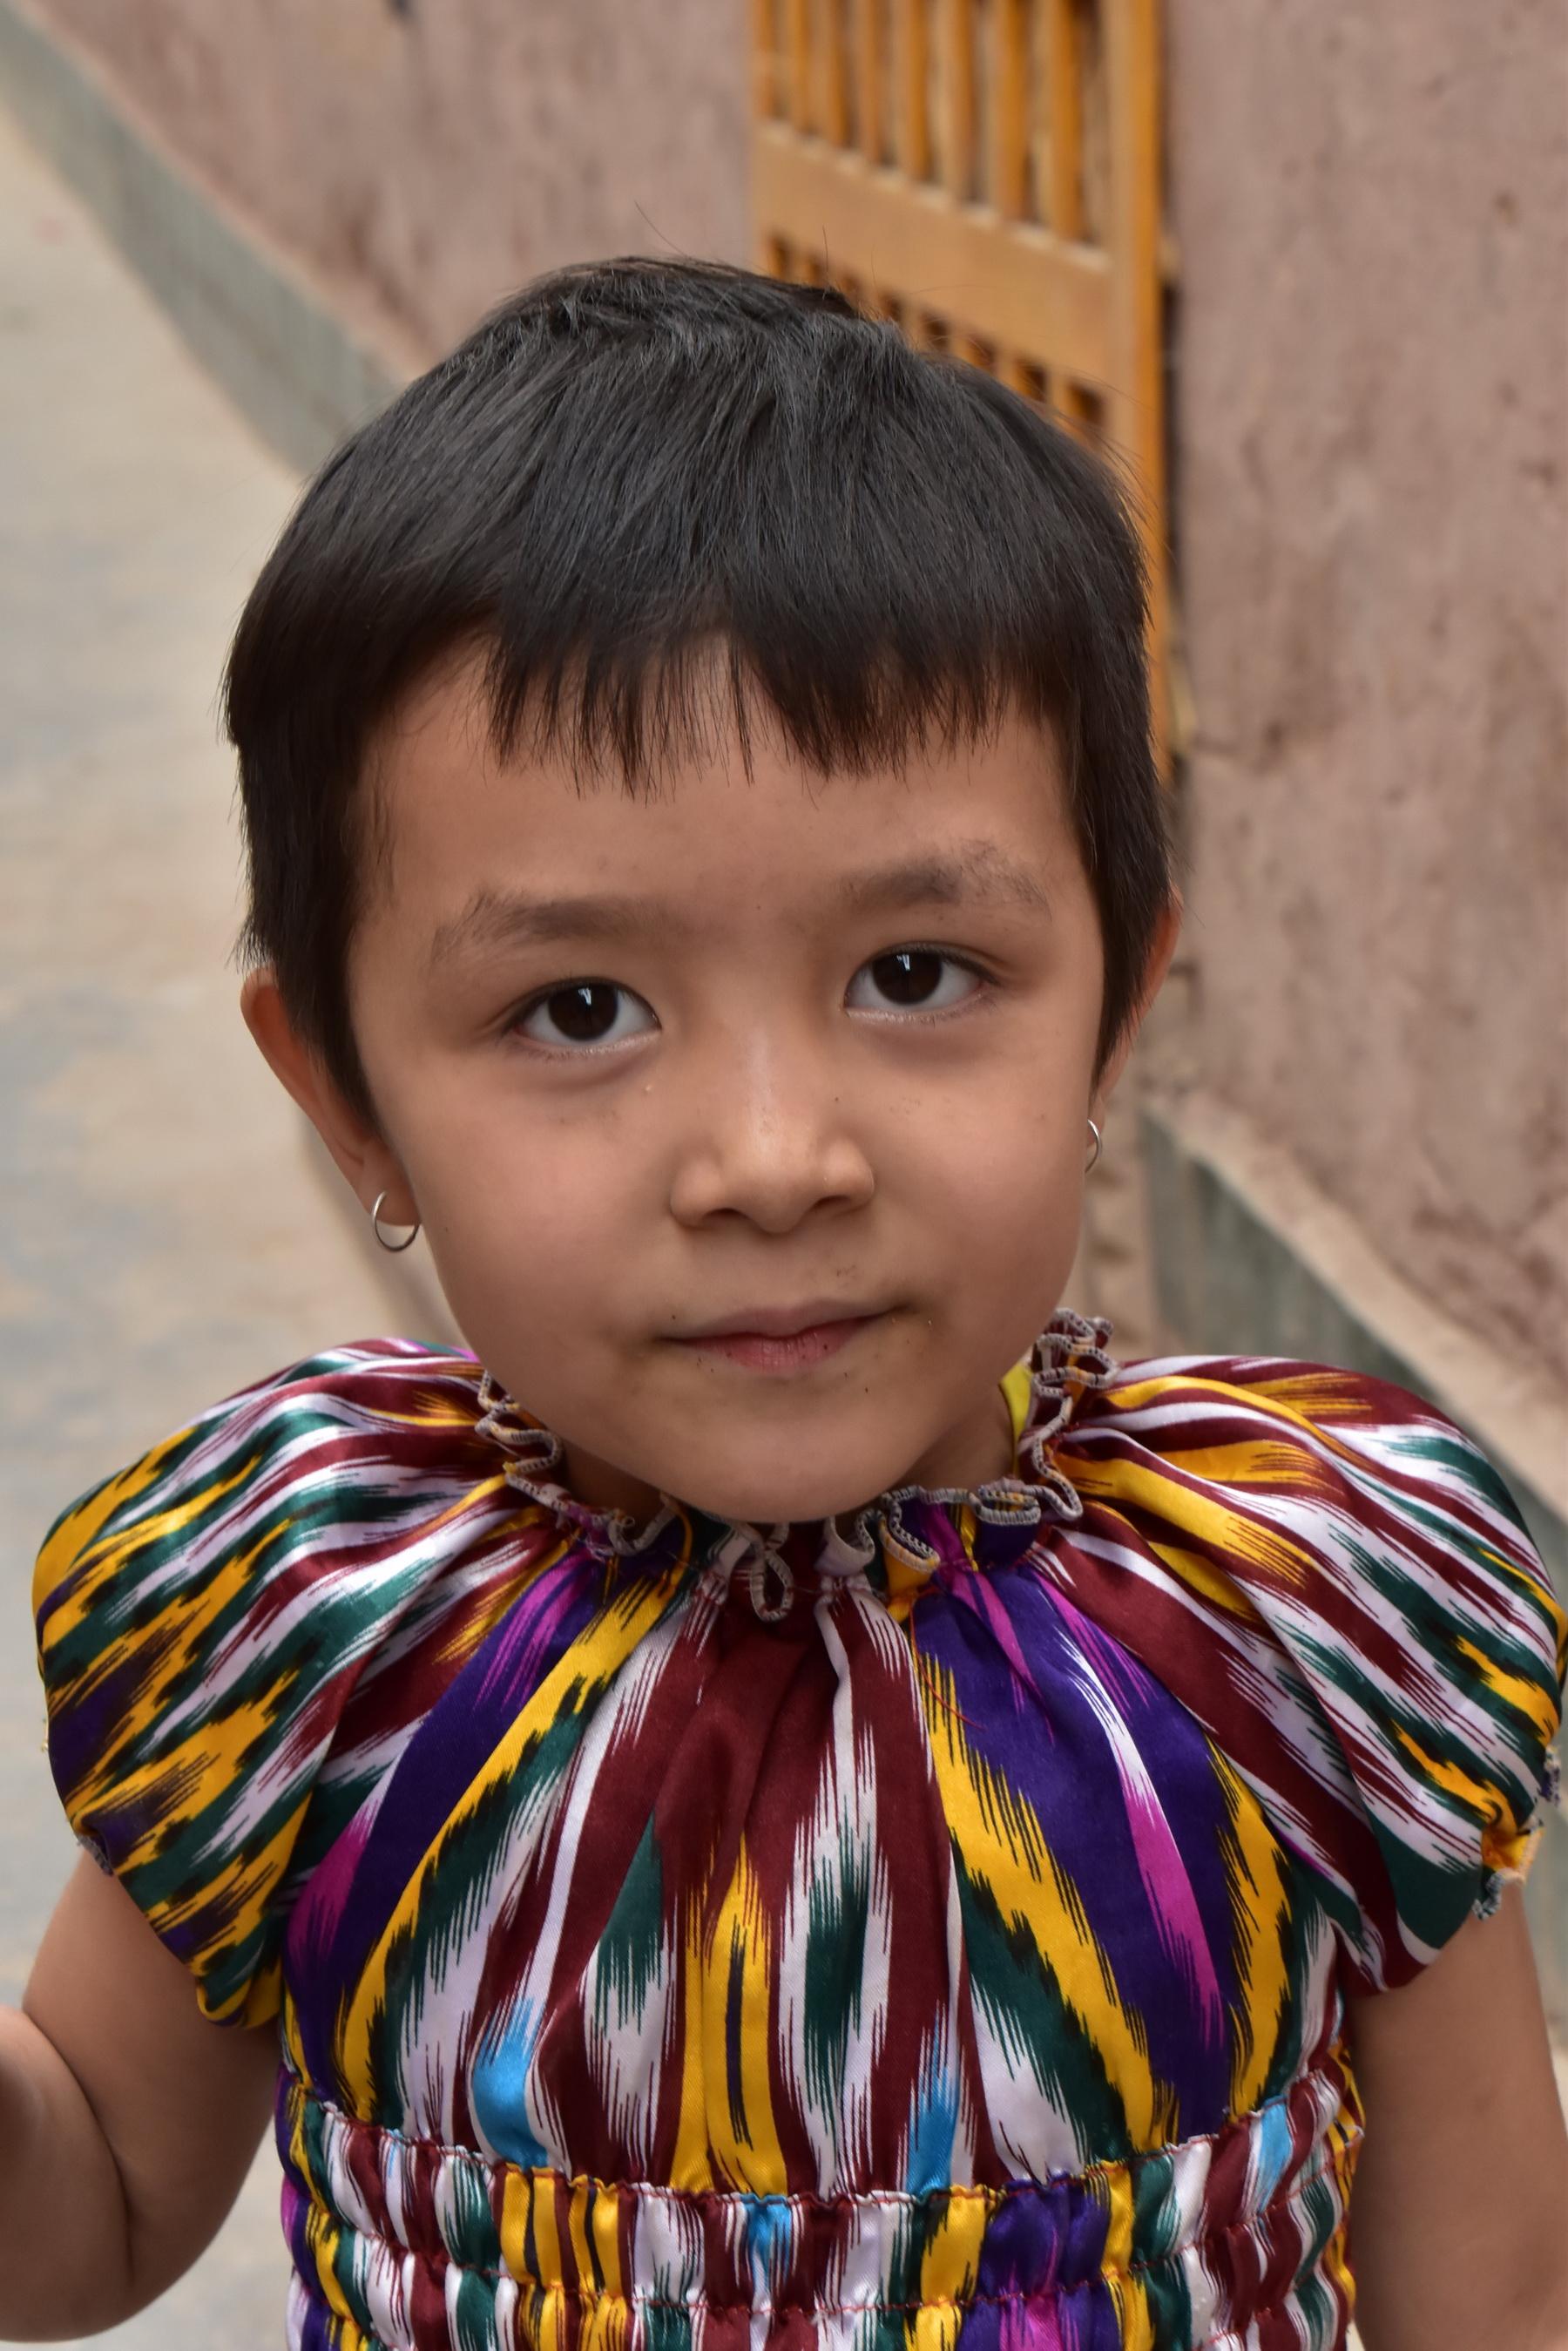 סין - ילדונת חמודה